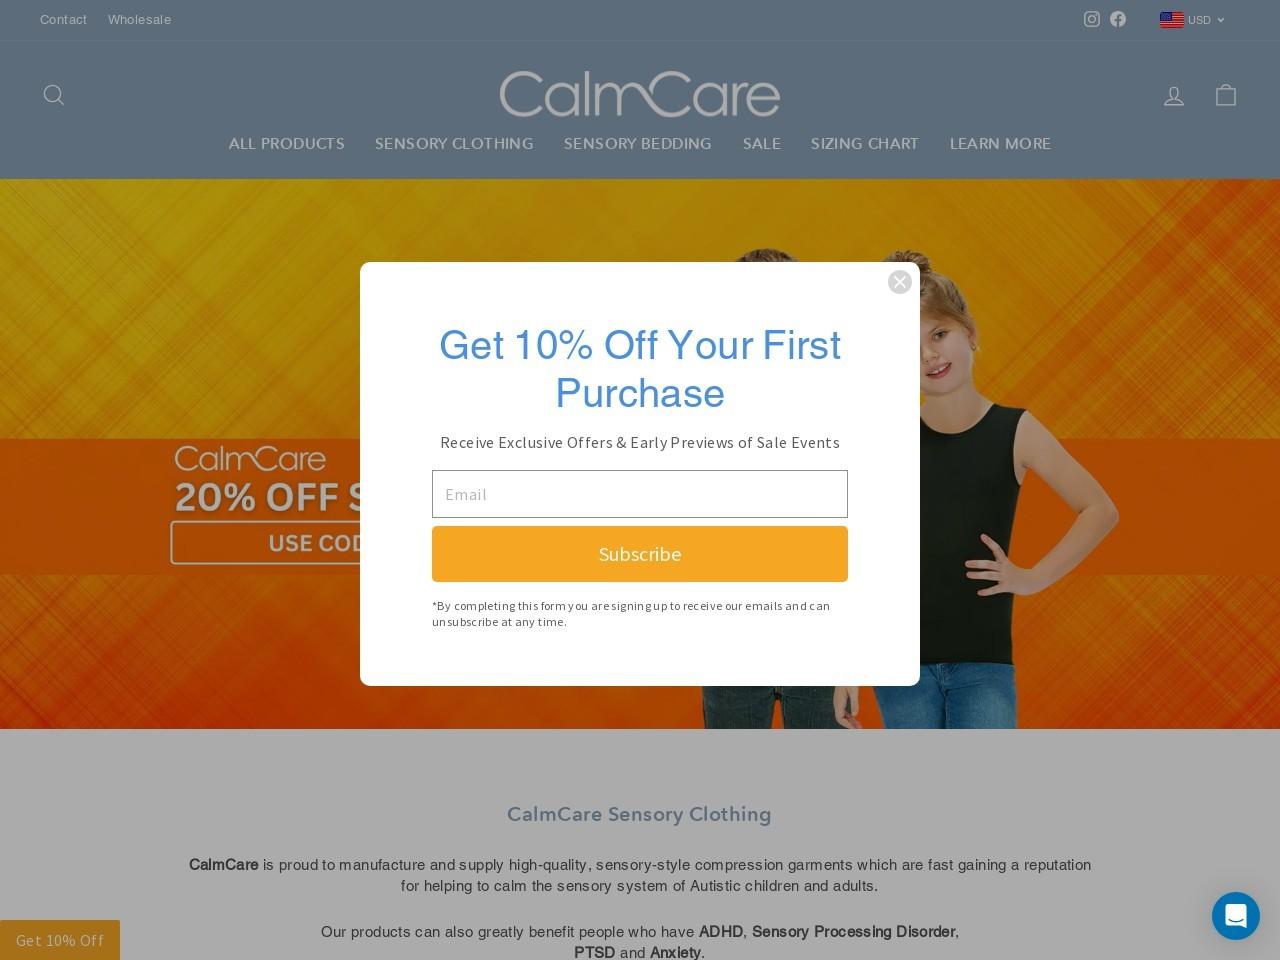 calmcare.com